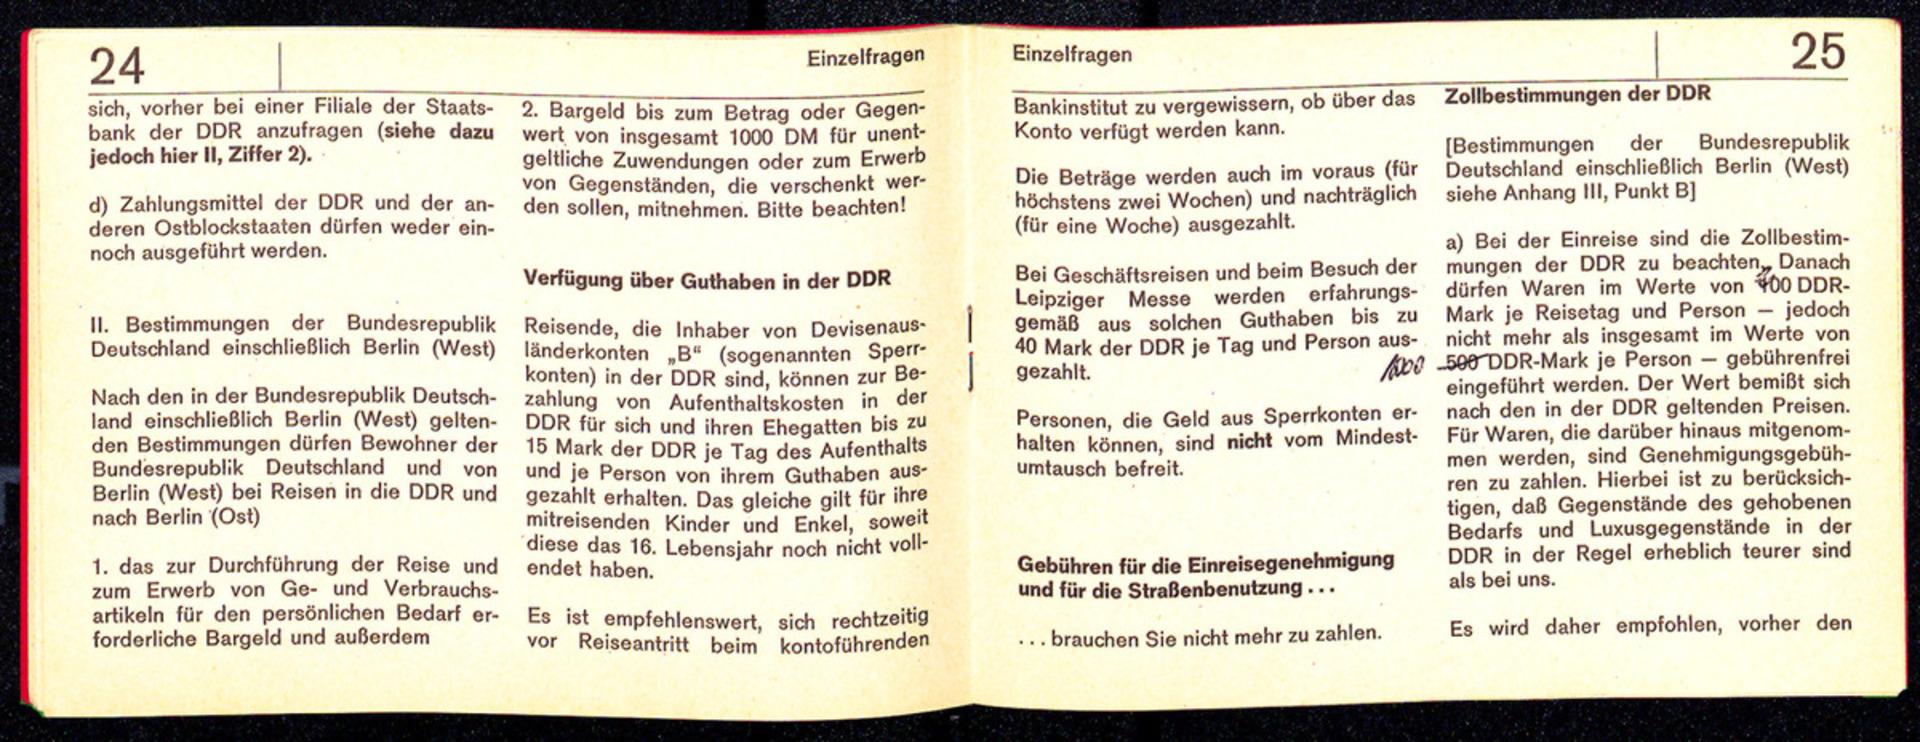 cd01-007-g78-m79_0020.jpg